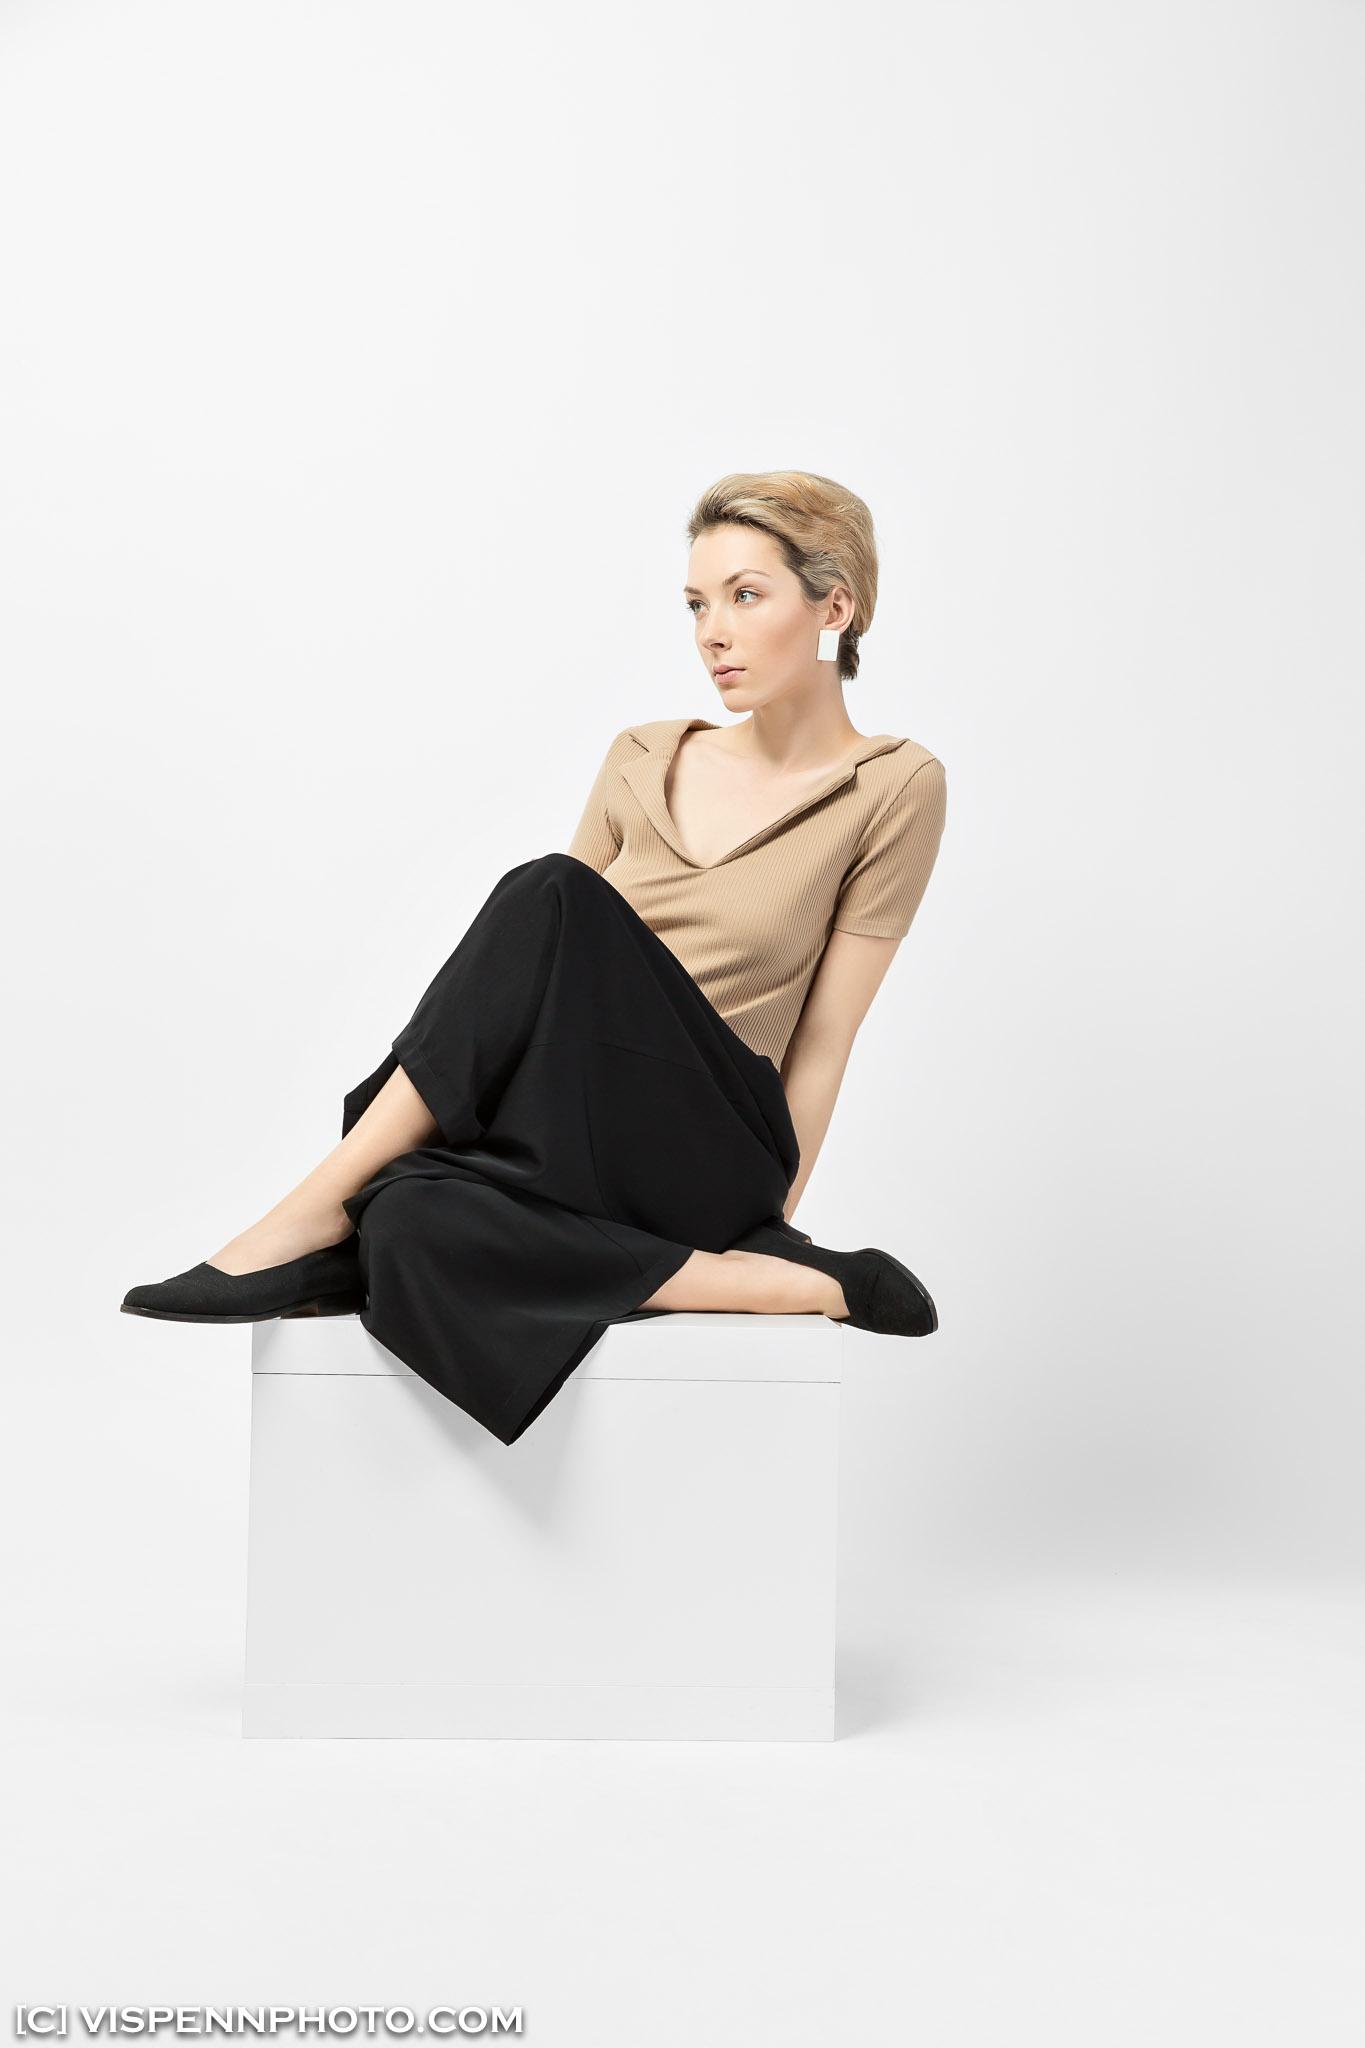 Melbourne Fashion Portrait Commercial Photography VISPENN 墨尔本 服装 商业 人像 摄影 5D1 0316